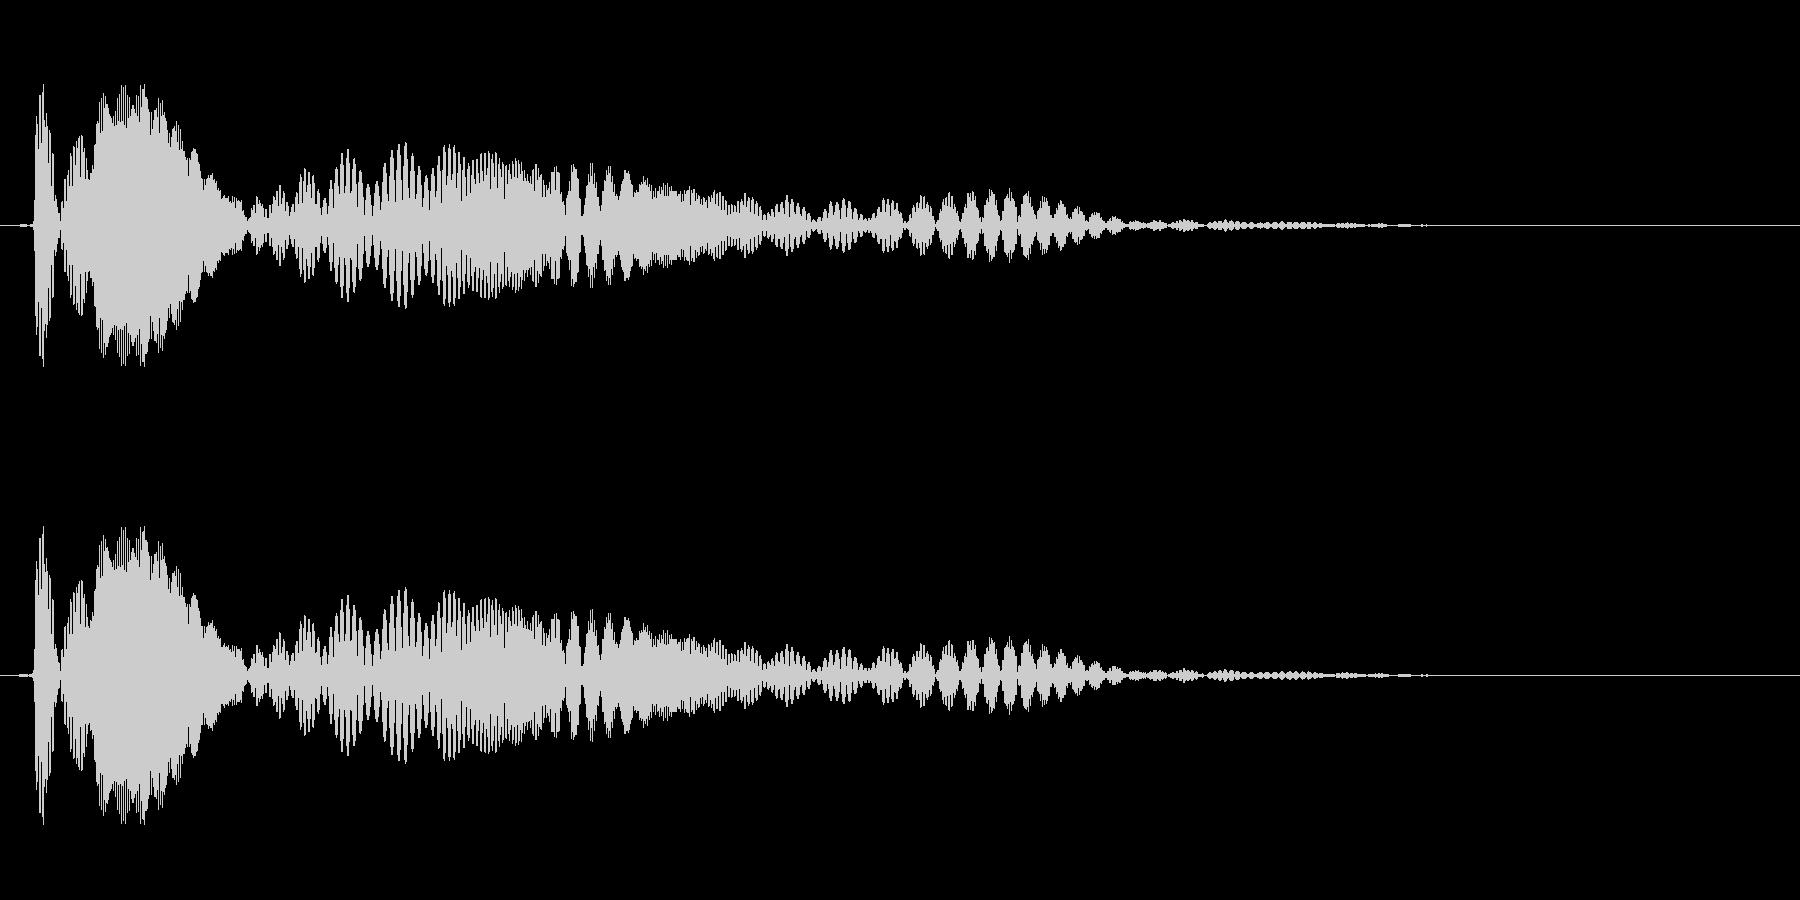 プワワァン(ぷるぷるした物が揺れる音)の未再生の波形